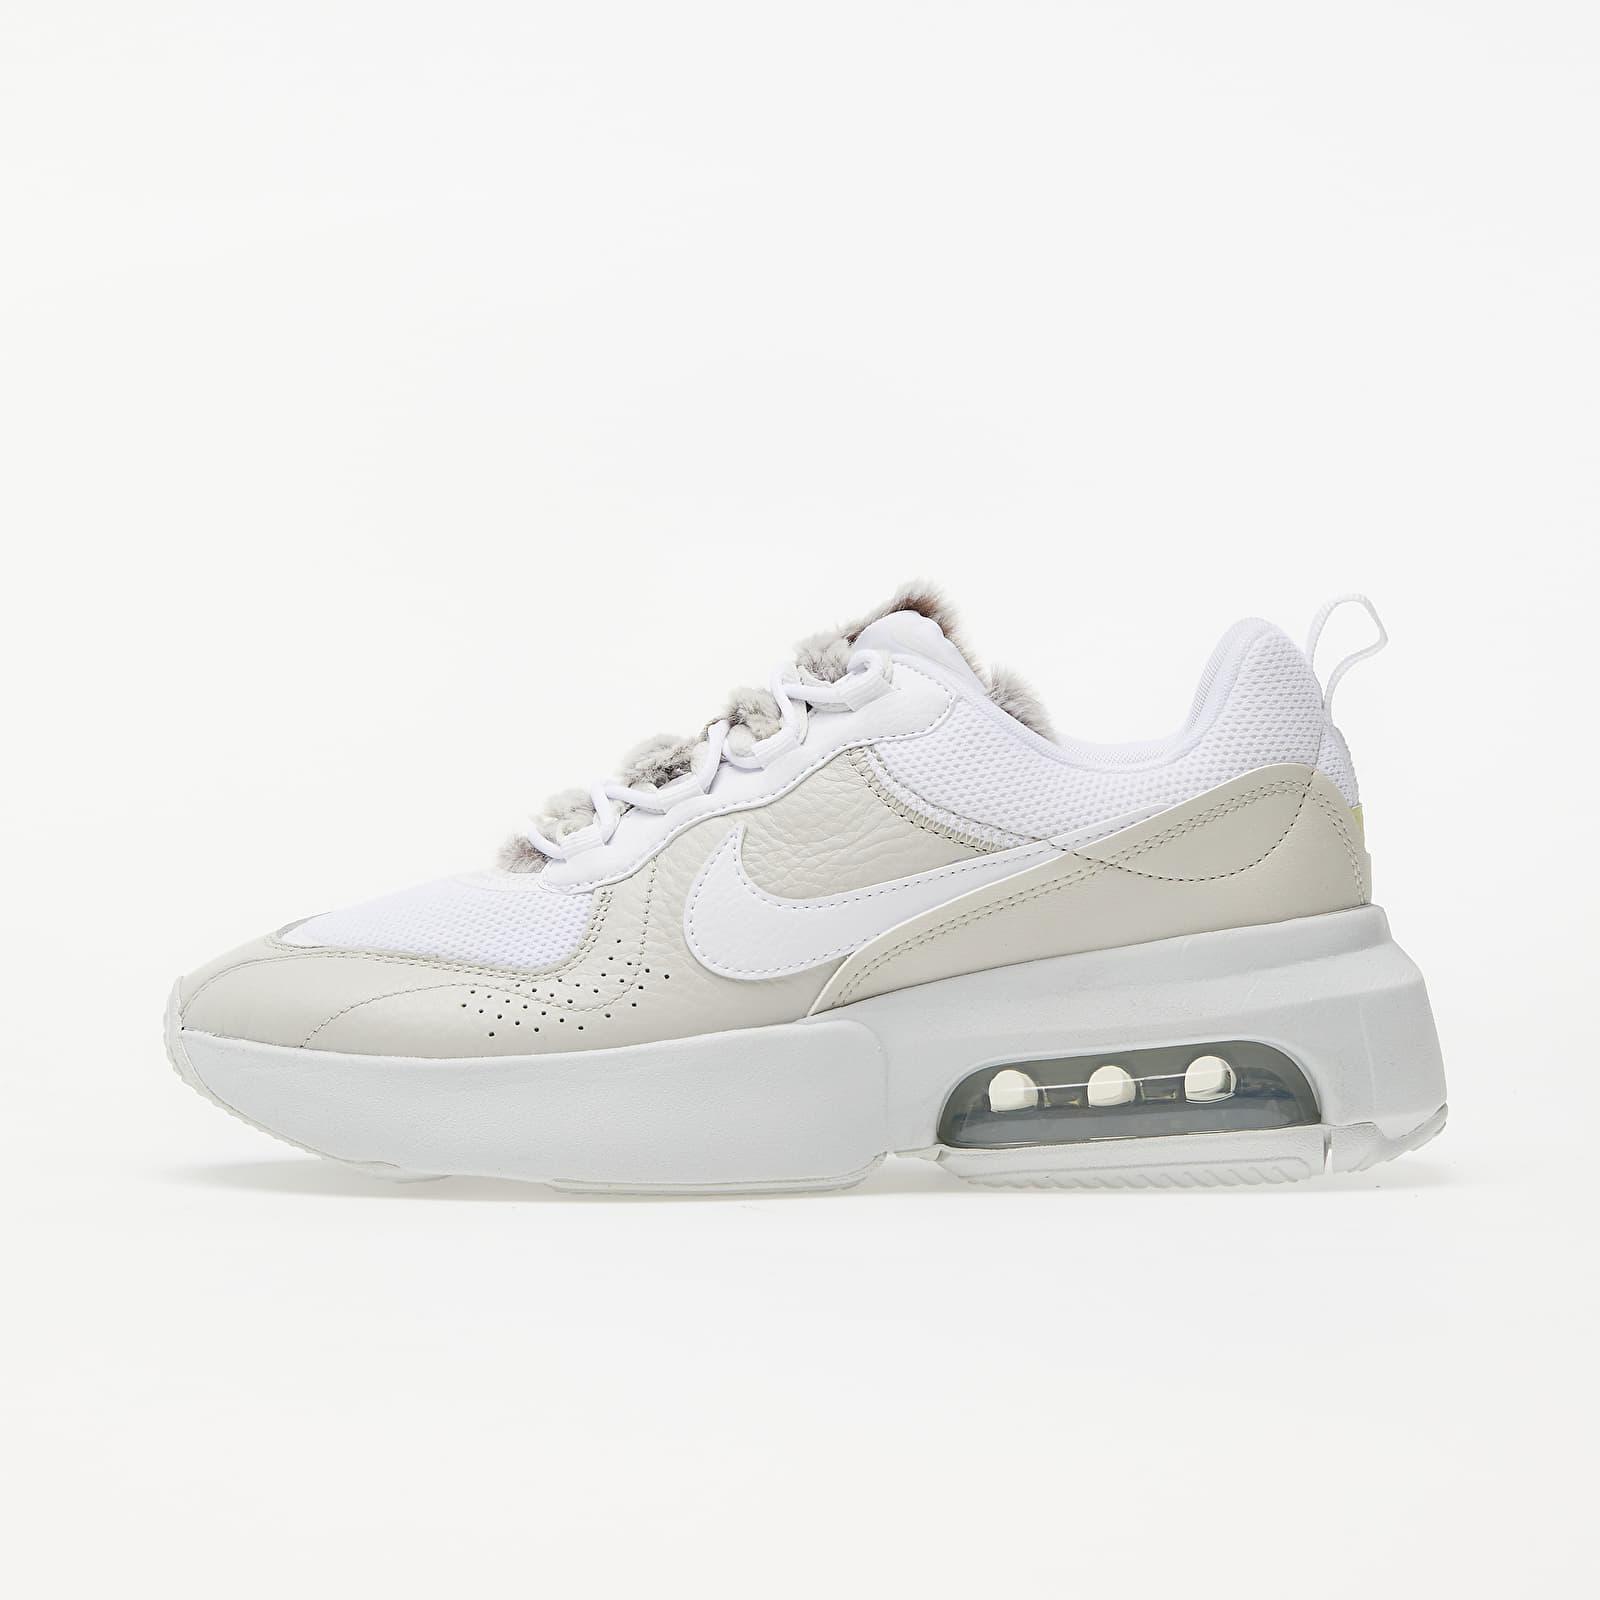 Nike Wmns Air Max Verona Light Bone/ White-Photon Dust-Life Lime EUR 40